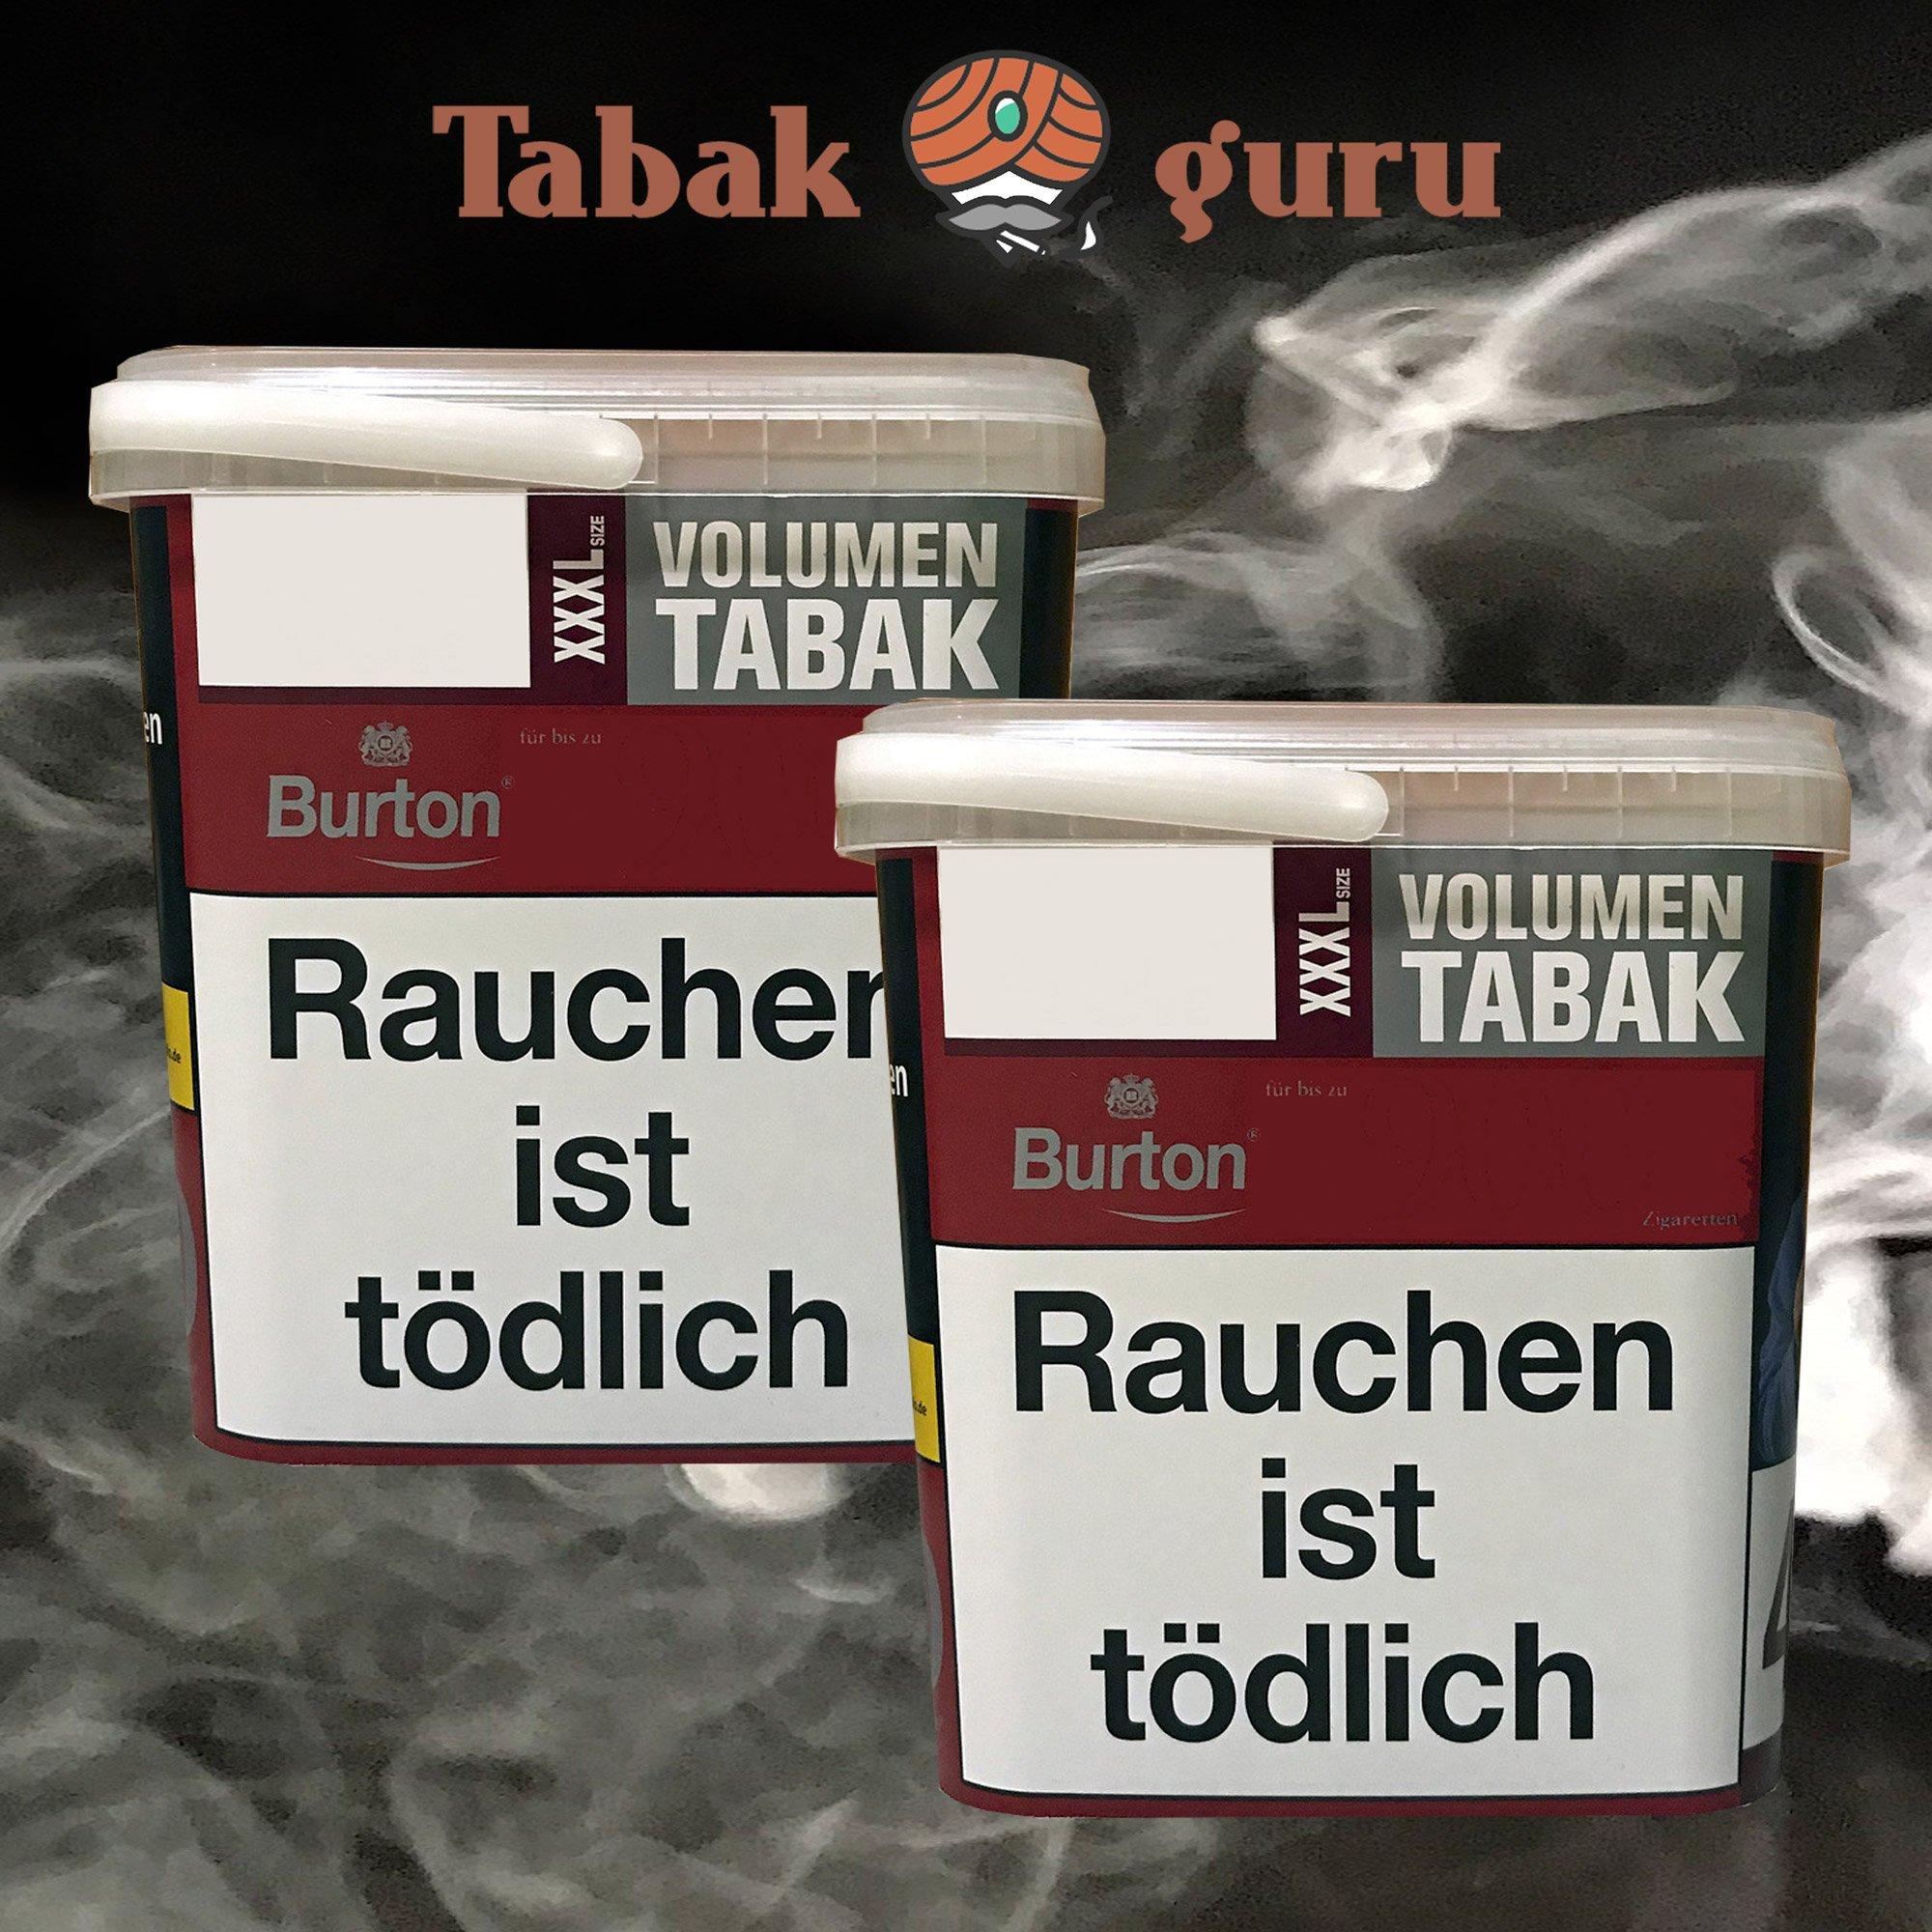 2x Burton Red Volumentabak / Zigarettentabak XXXL Eimer 370g